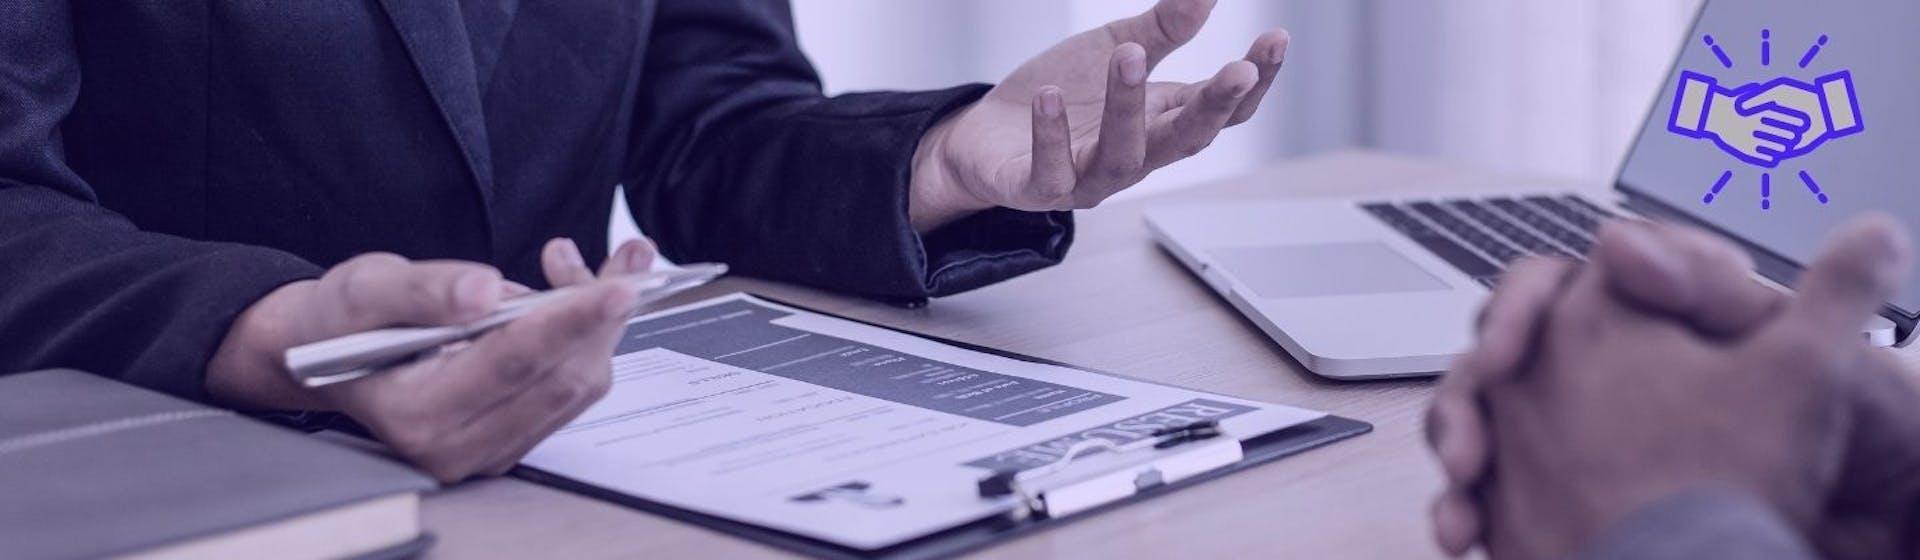 Estilos de negociación: como negociar sin fracasar en el intento